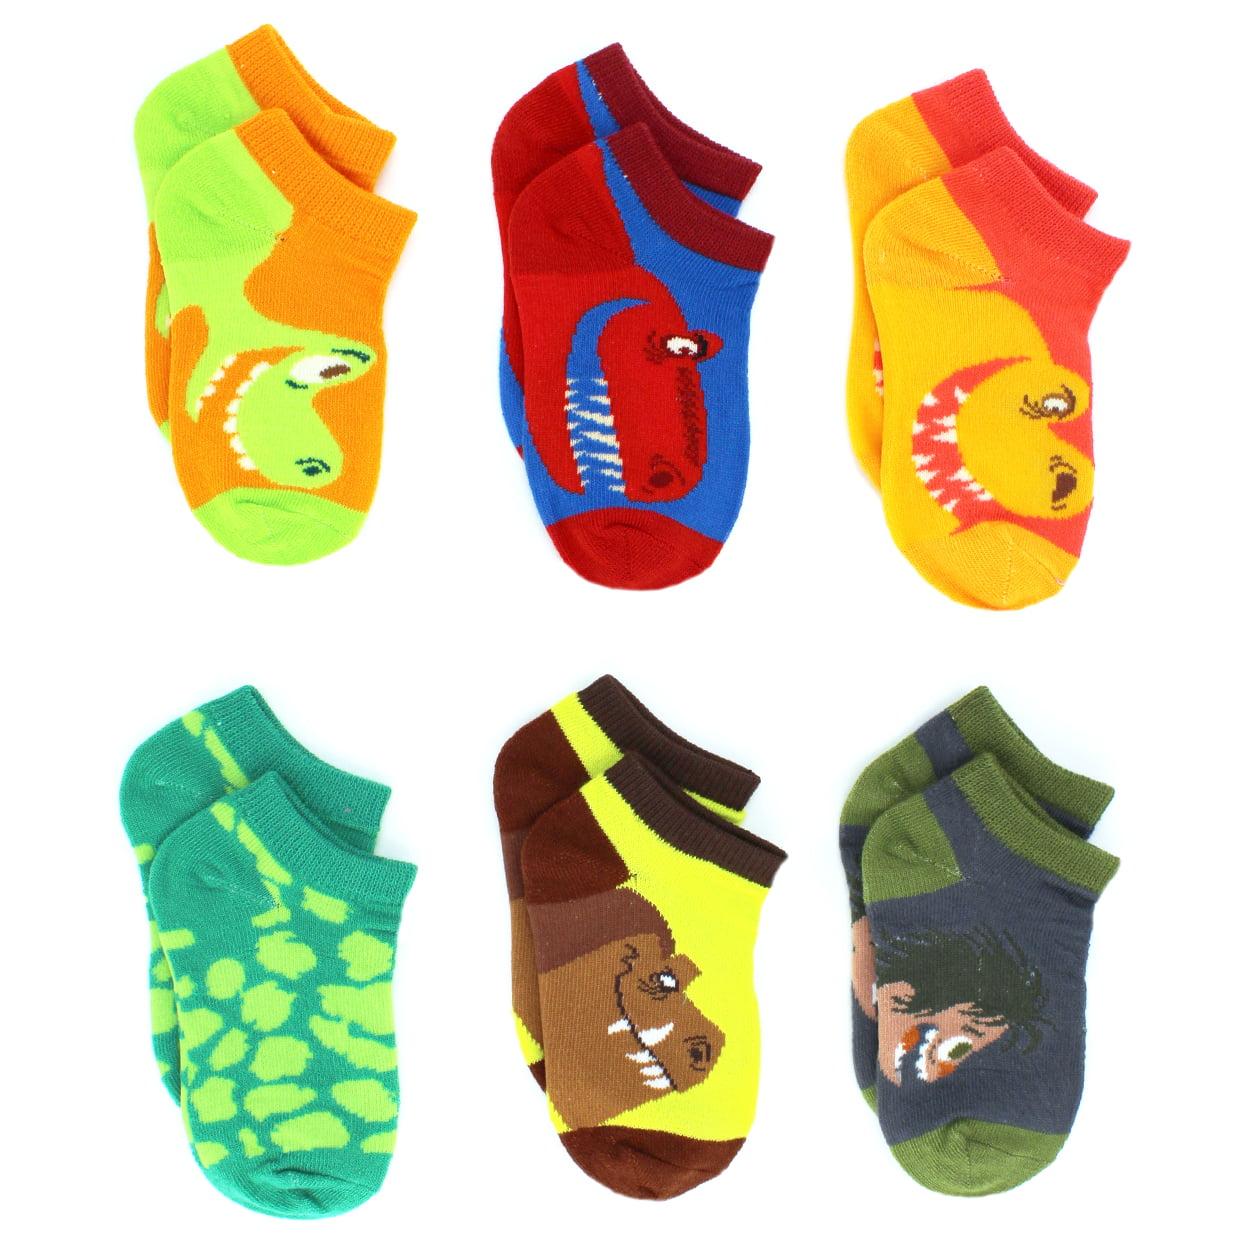 The Good Dinosaur Little Toddler Boys 6 pack Socks 1178FH